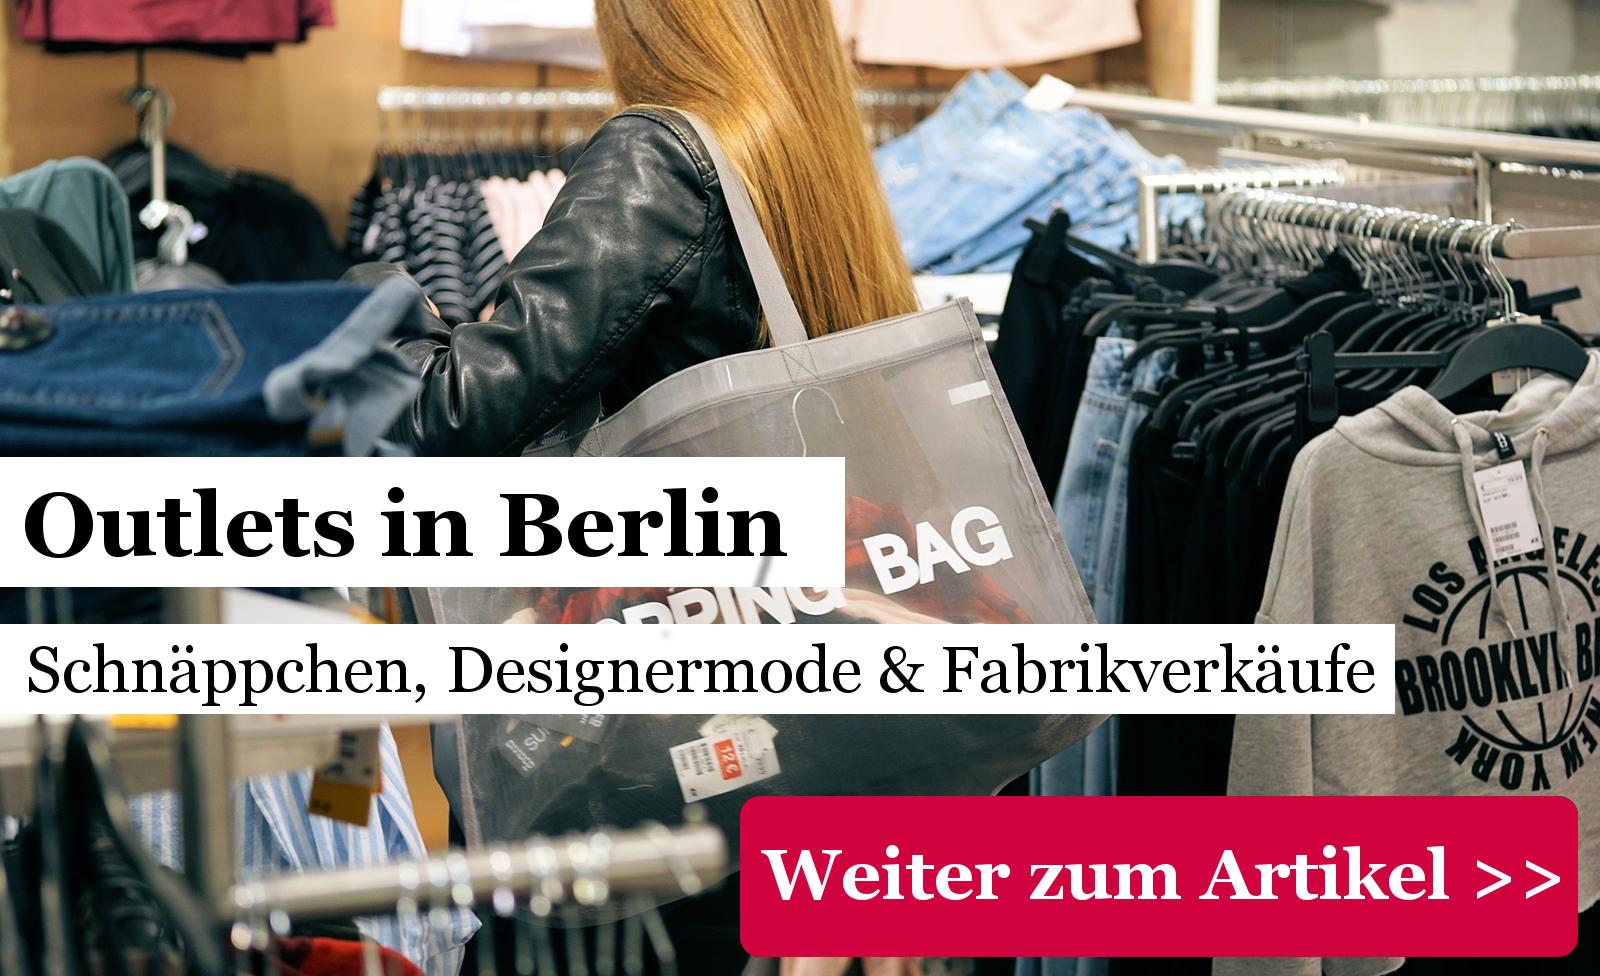 Outlet Berlin Top 8 Outlets Für Schnäppchen Jäger 2019 Mit Adressen